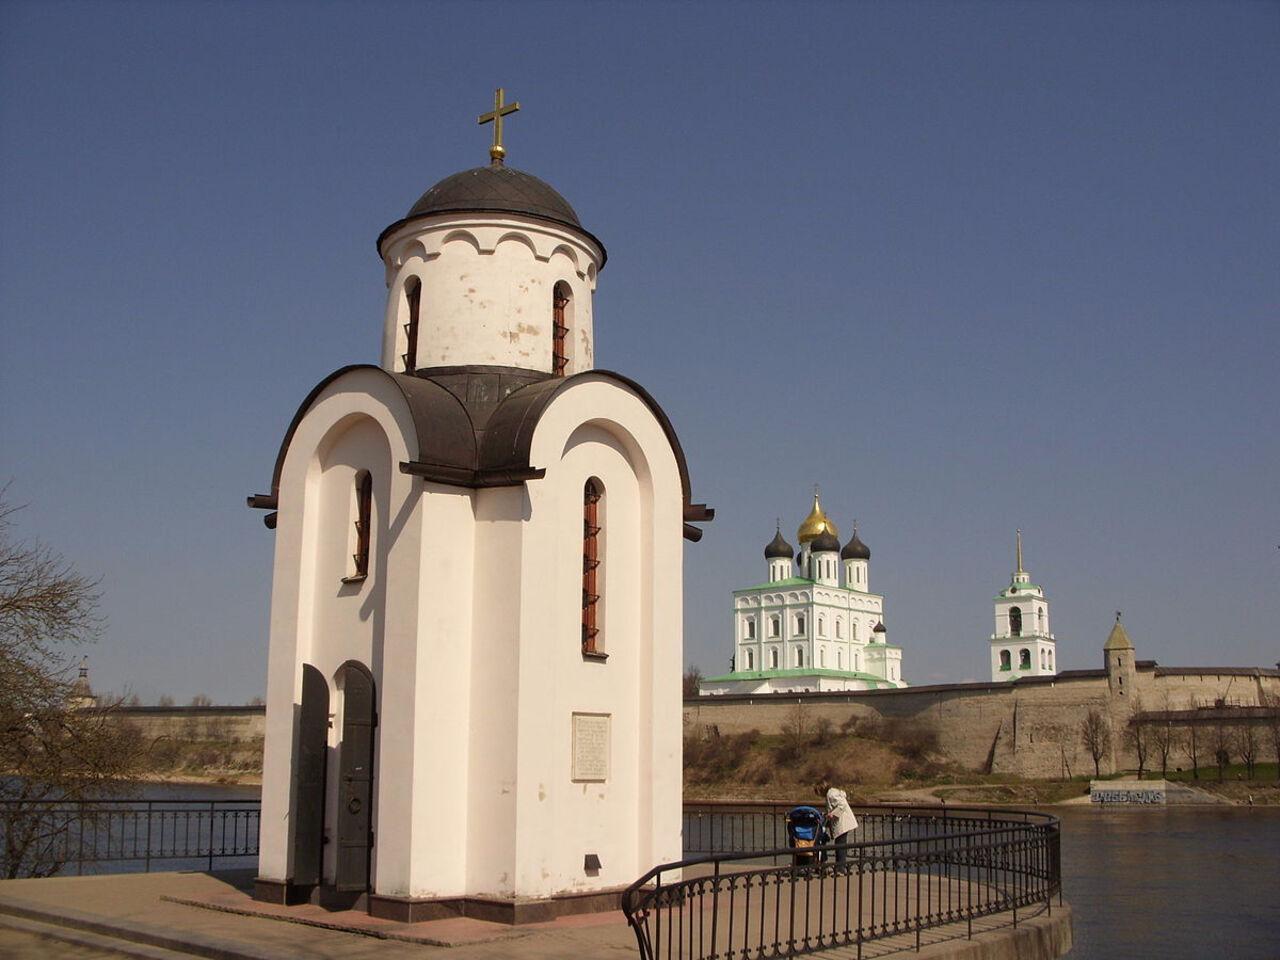 Мэр имитрополит сообщили остроительстве часовни натерритории горбольницы Новосибирска